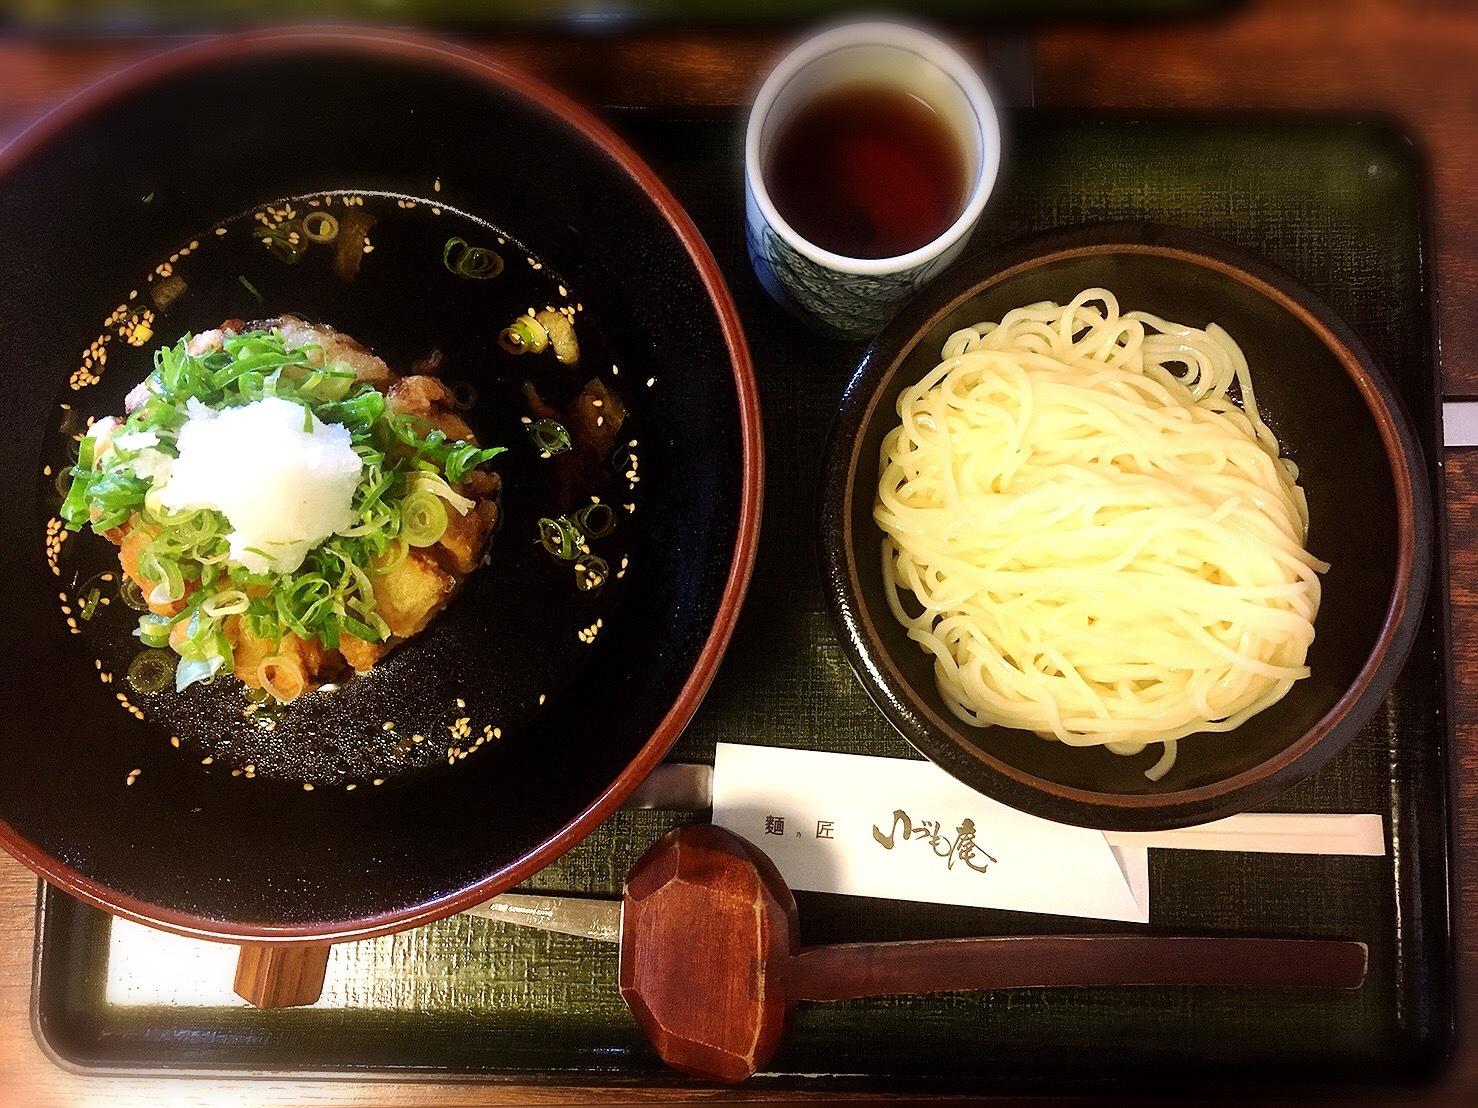 いづも庵の玉ねぎつけ麺